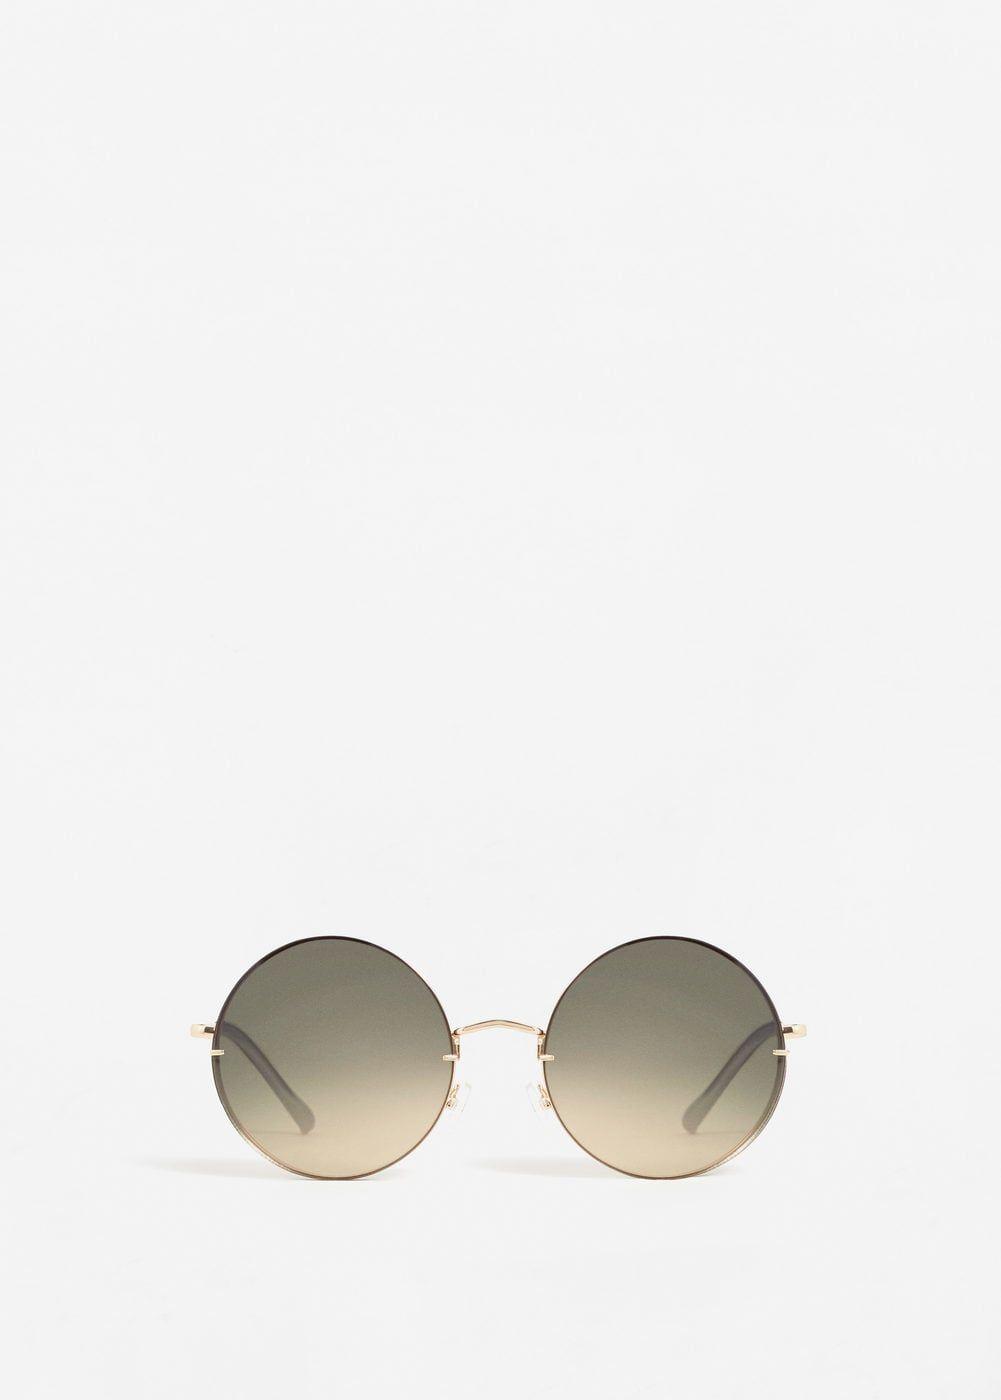 ab6c330ecf Gafas de sol redondas - Gafas de sol de Mujer in 2019 | EYEWEAR ...